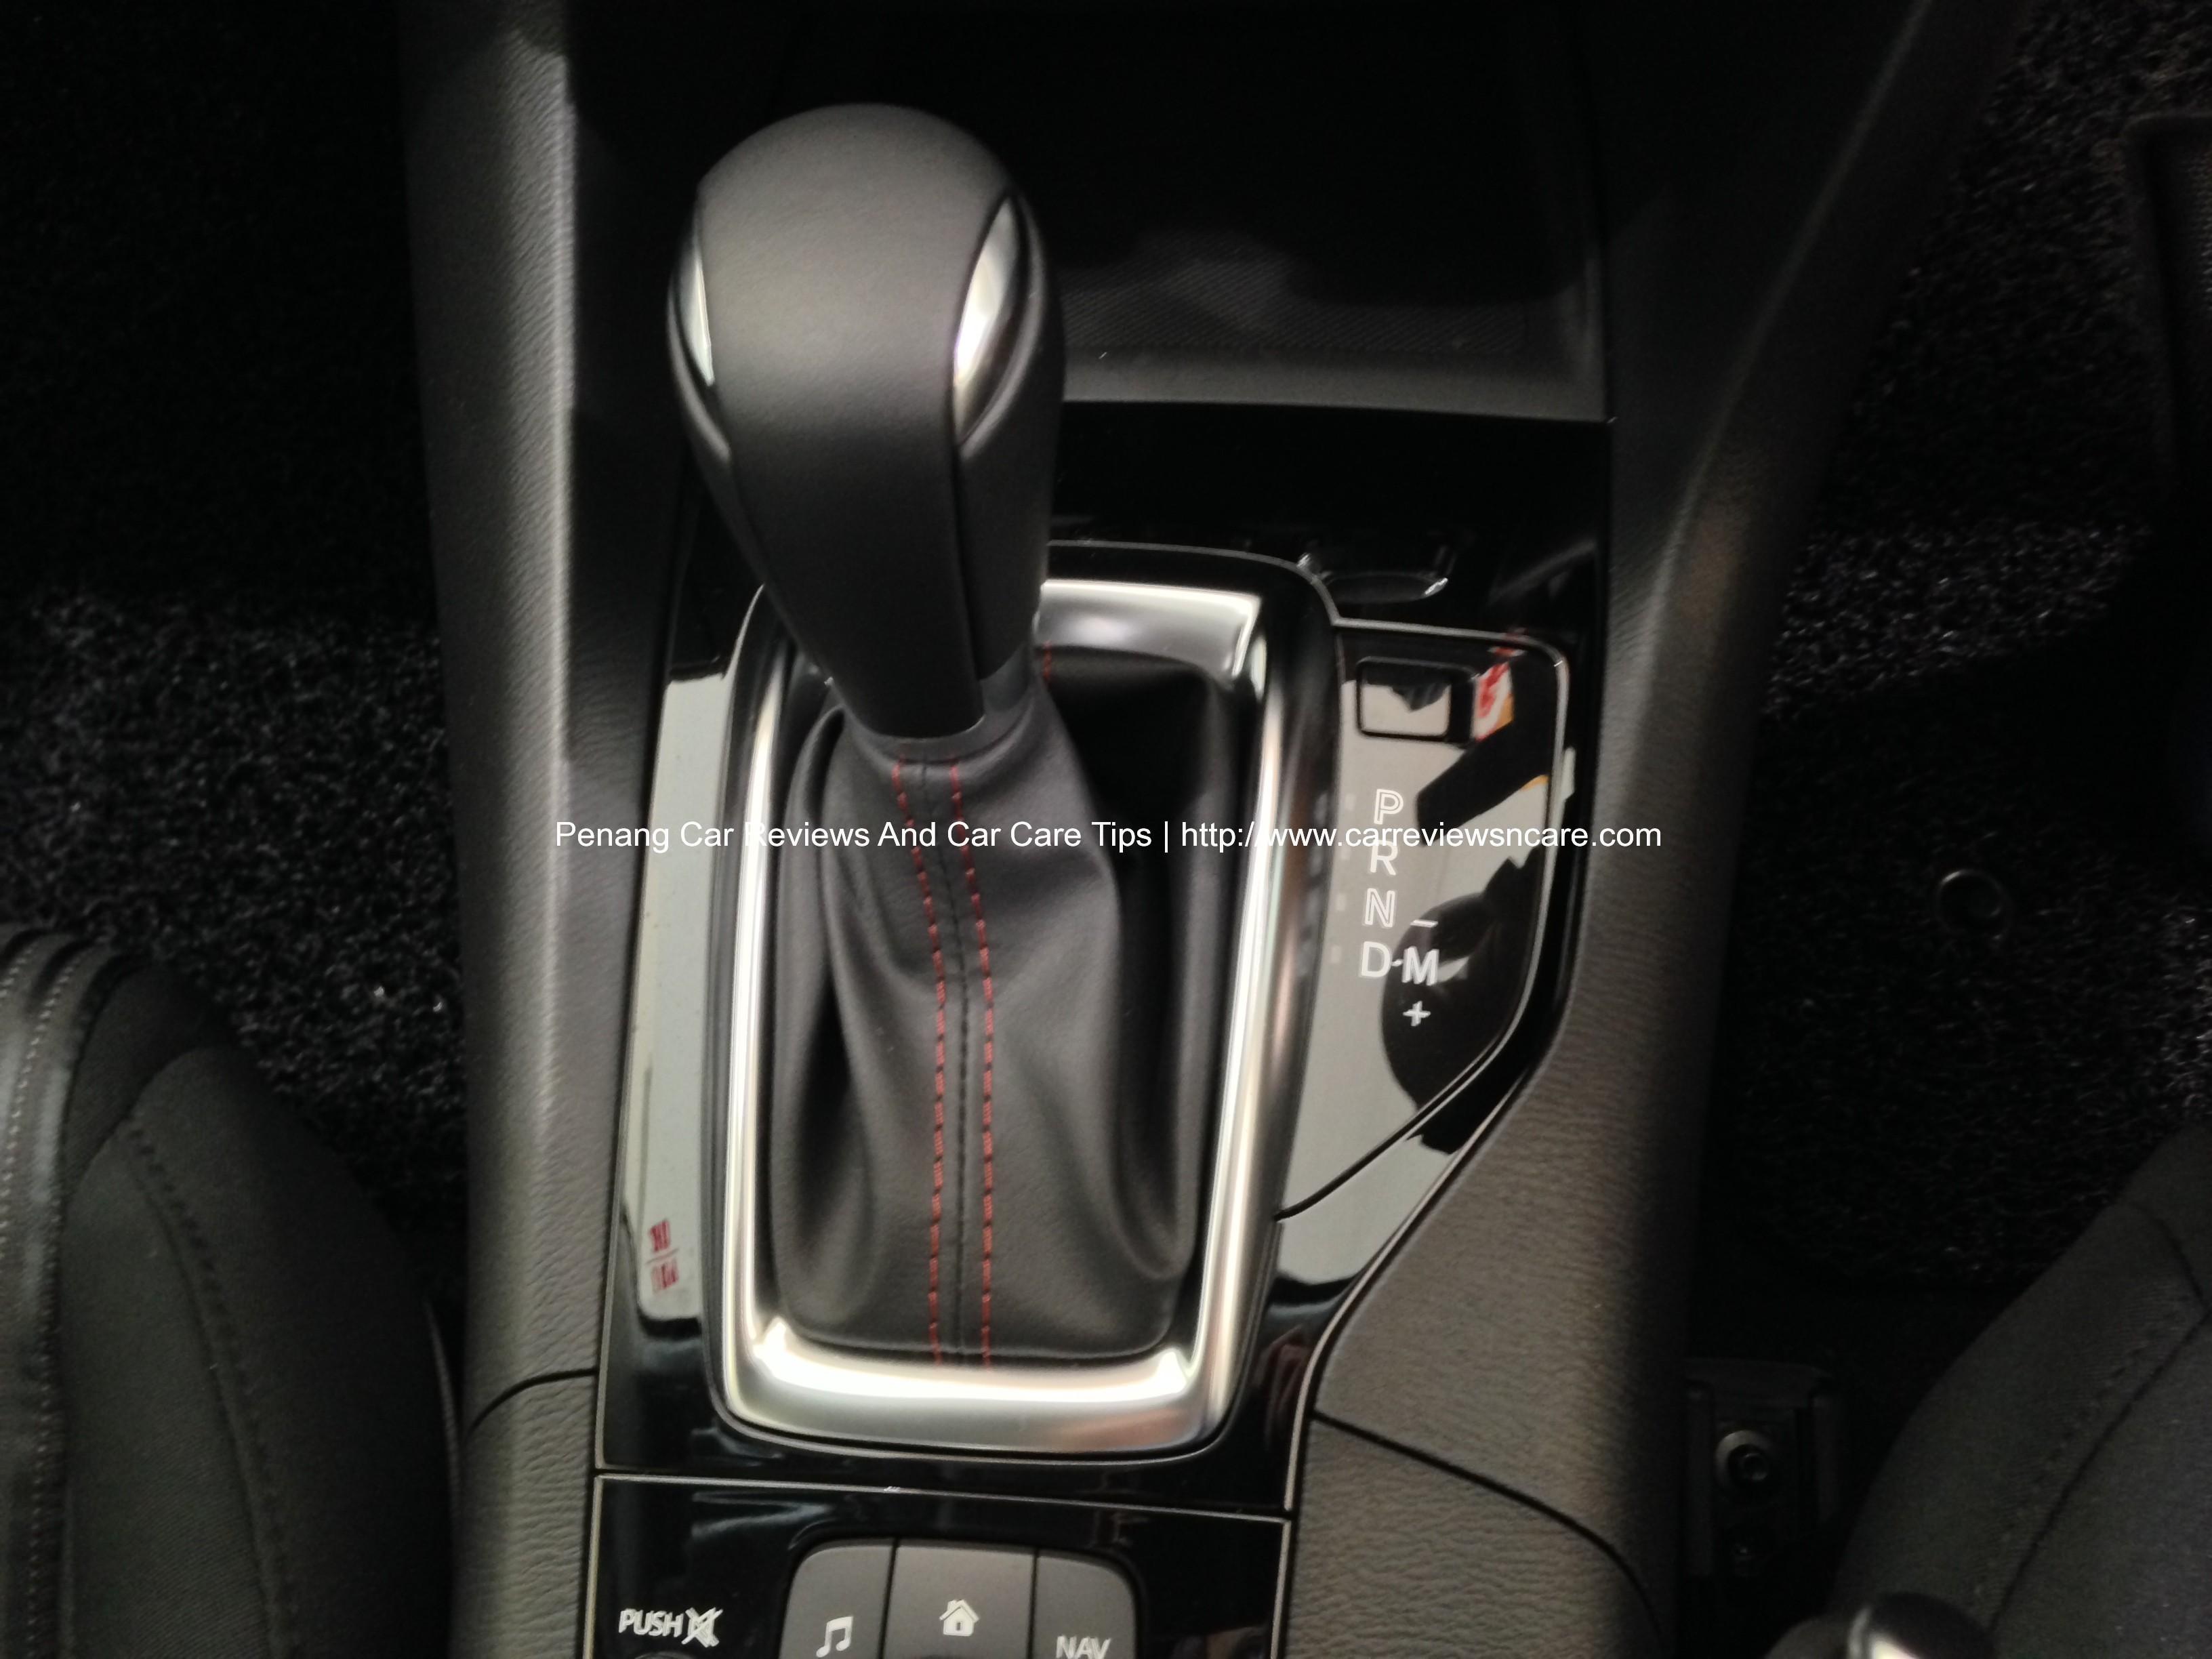 All New 2014 Skyactiv Mazda 3 2 0L Test Drive In Bayan Lepas